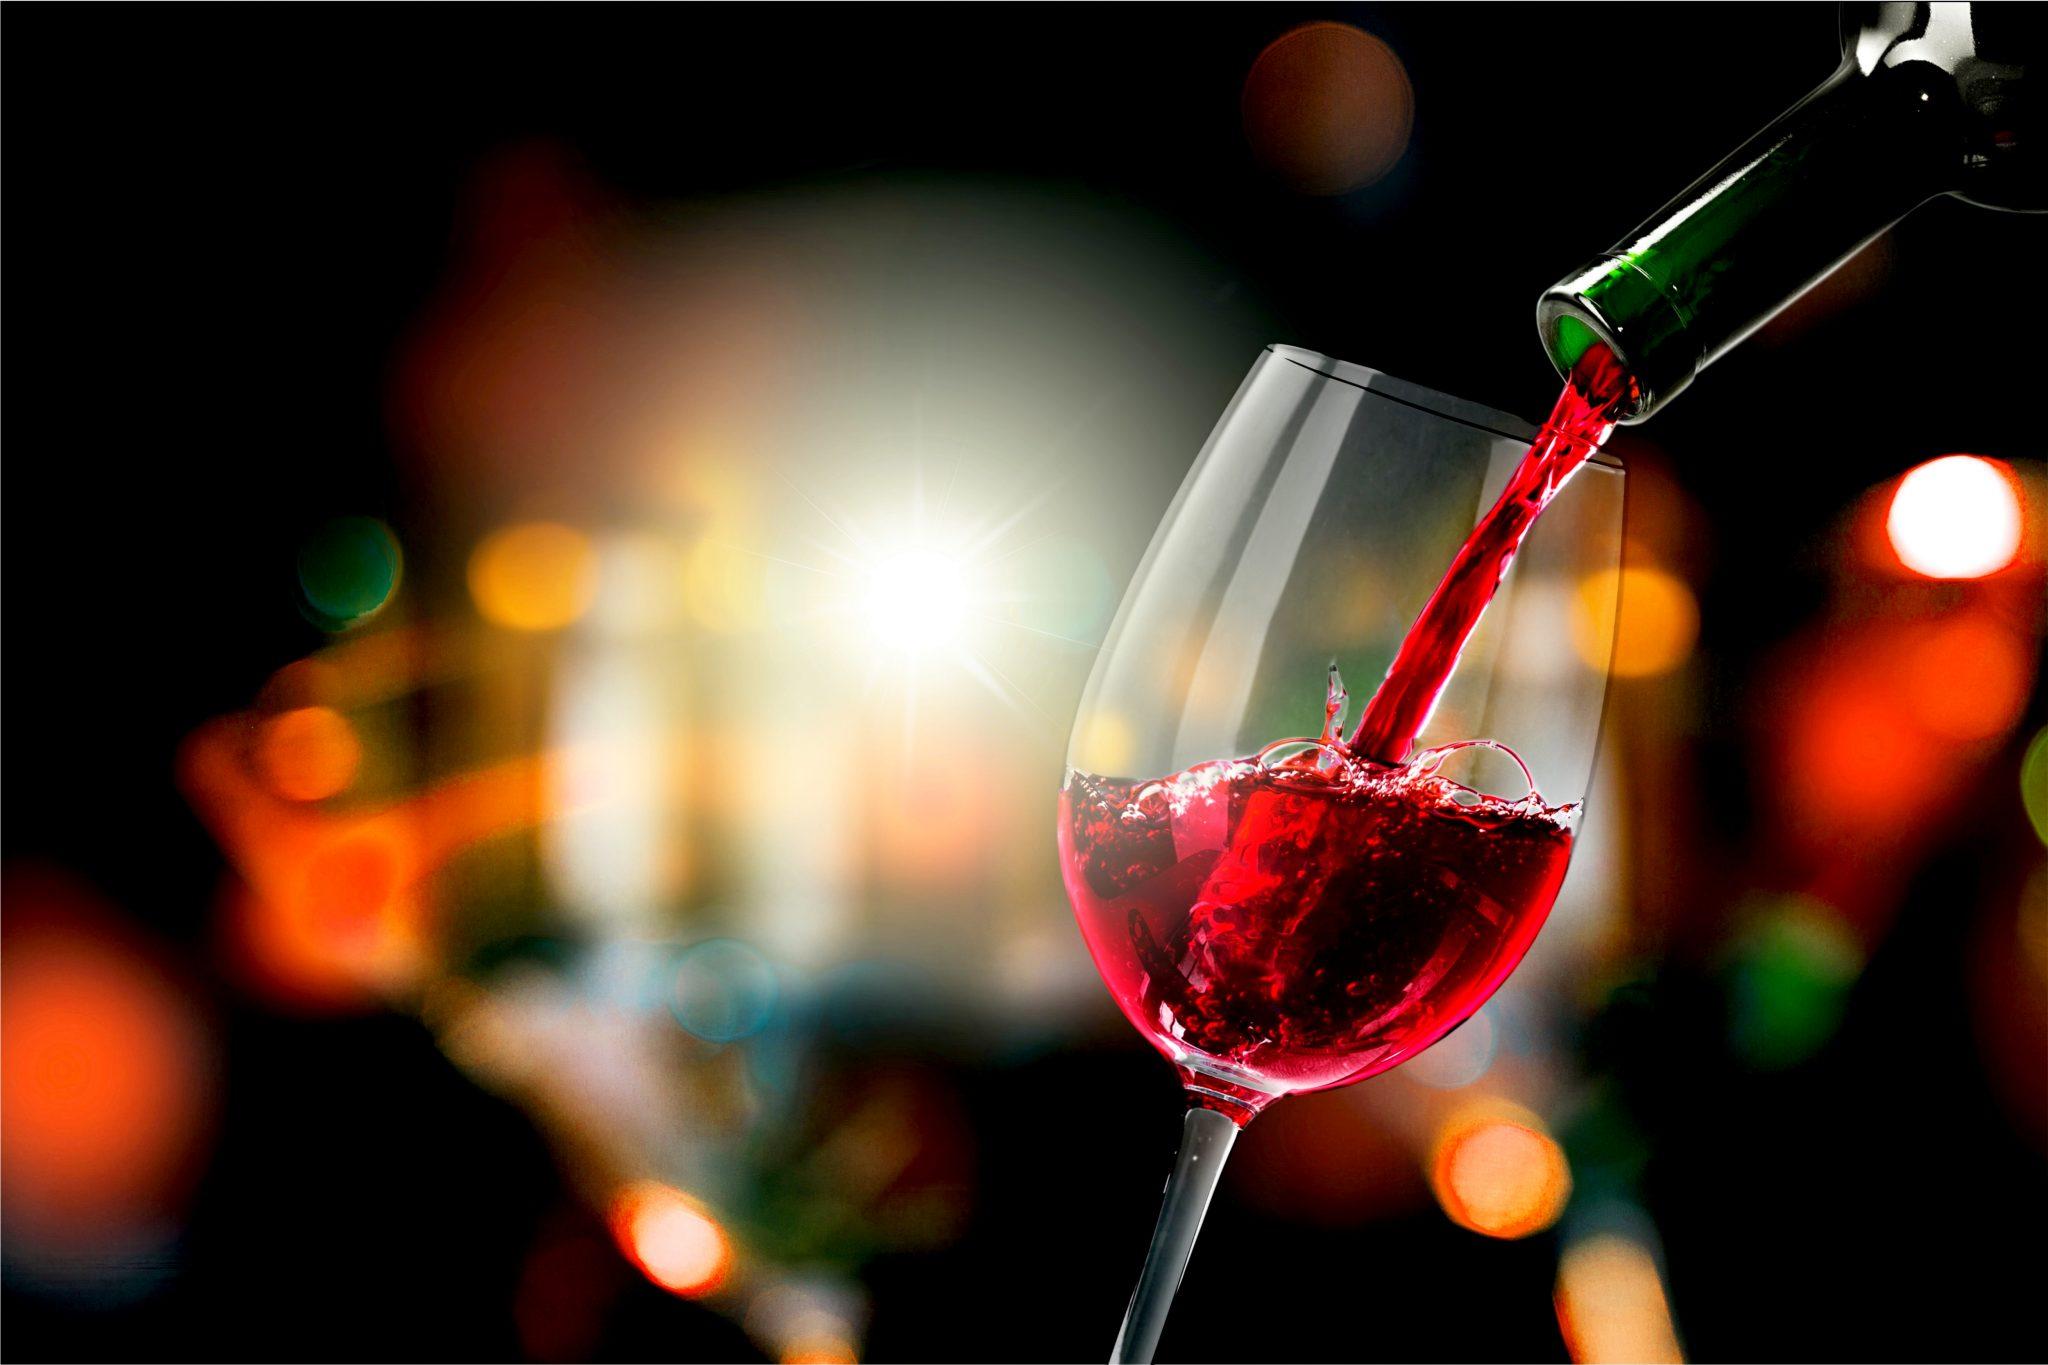 グラスに赤ワインを注いでいる